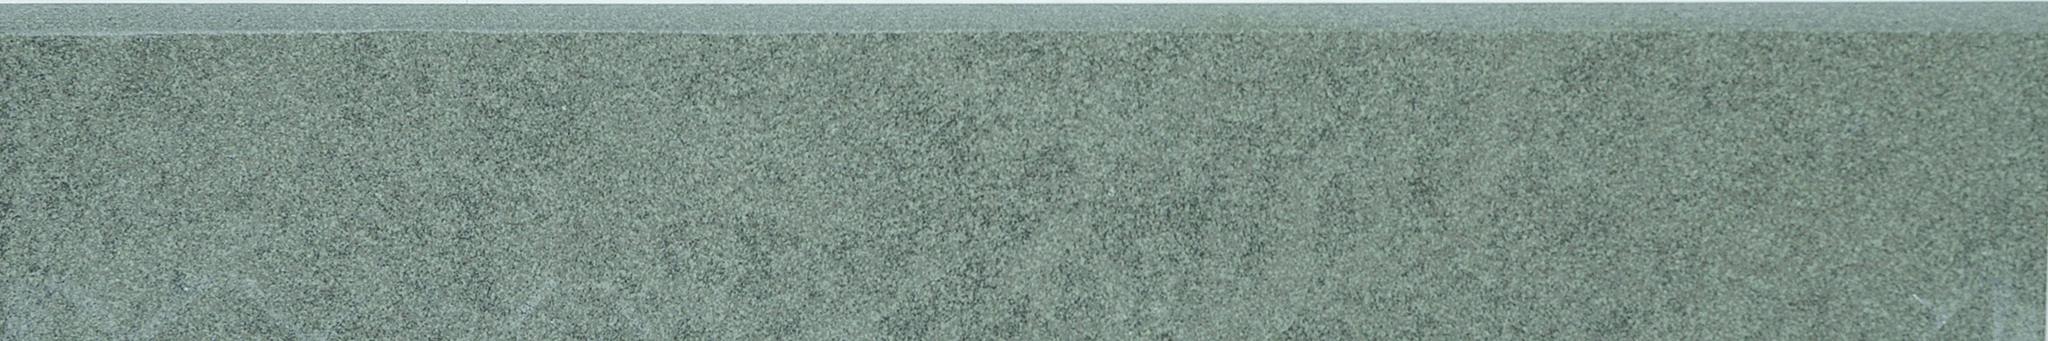 Керамогранит DARK GRAY 85 7,6X30